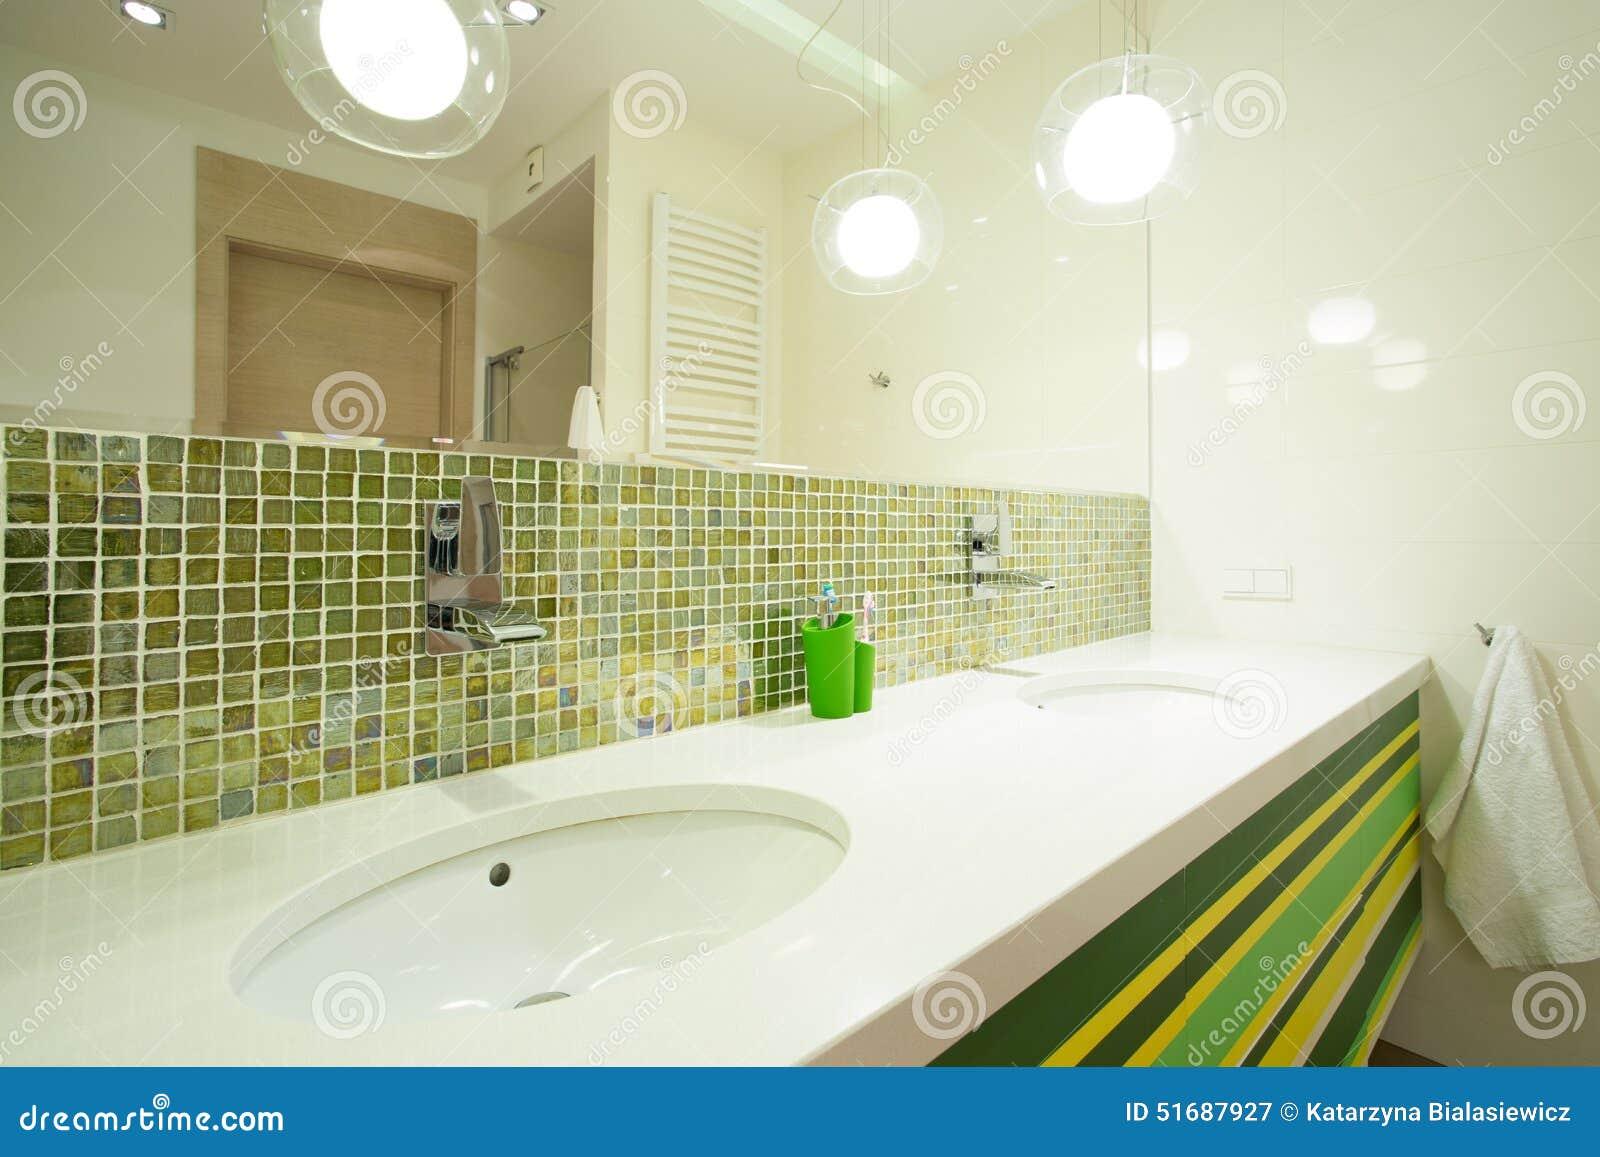 mattonelle verdi in bagno moderno immagine stock - immagine: 51687927 - Bagni Moderni Verdi